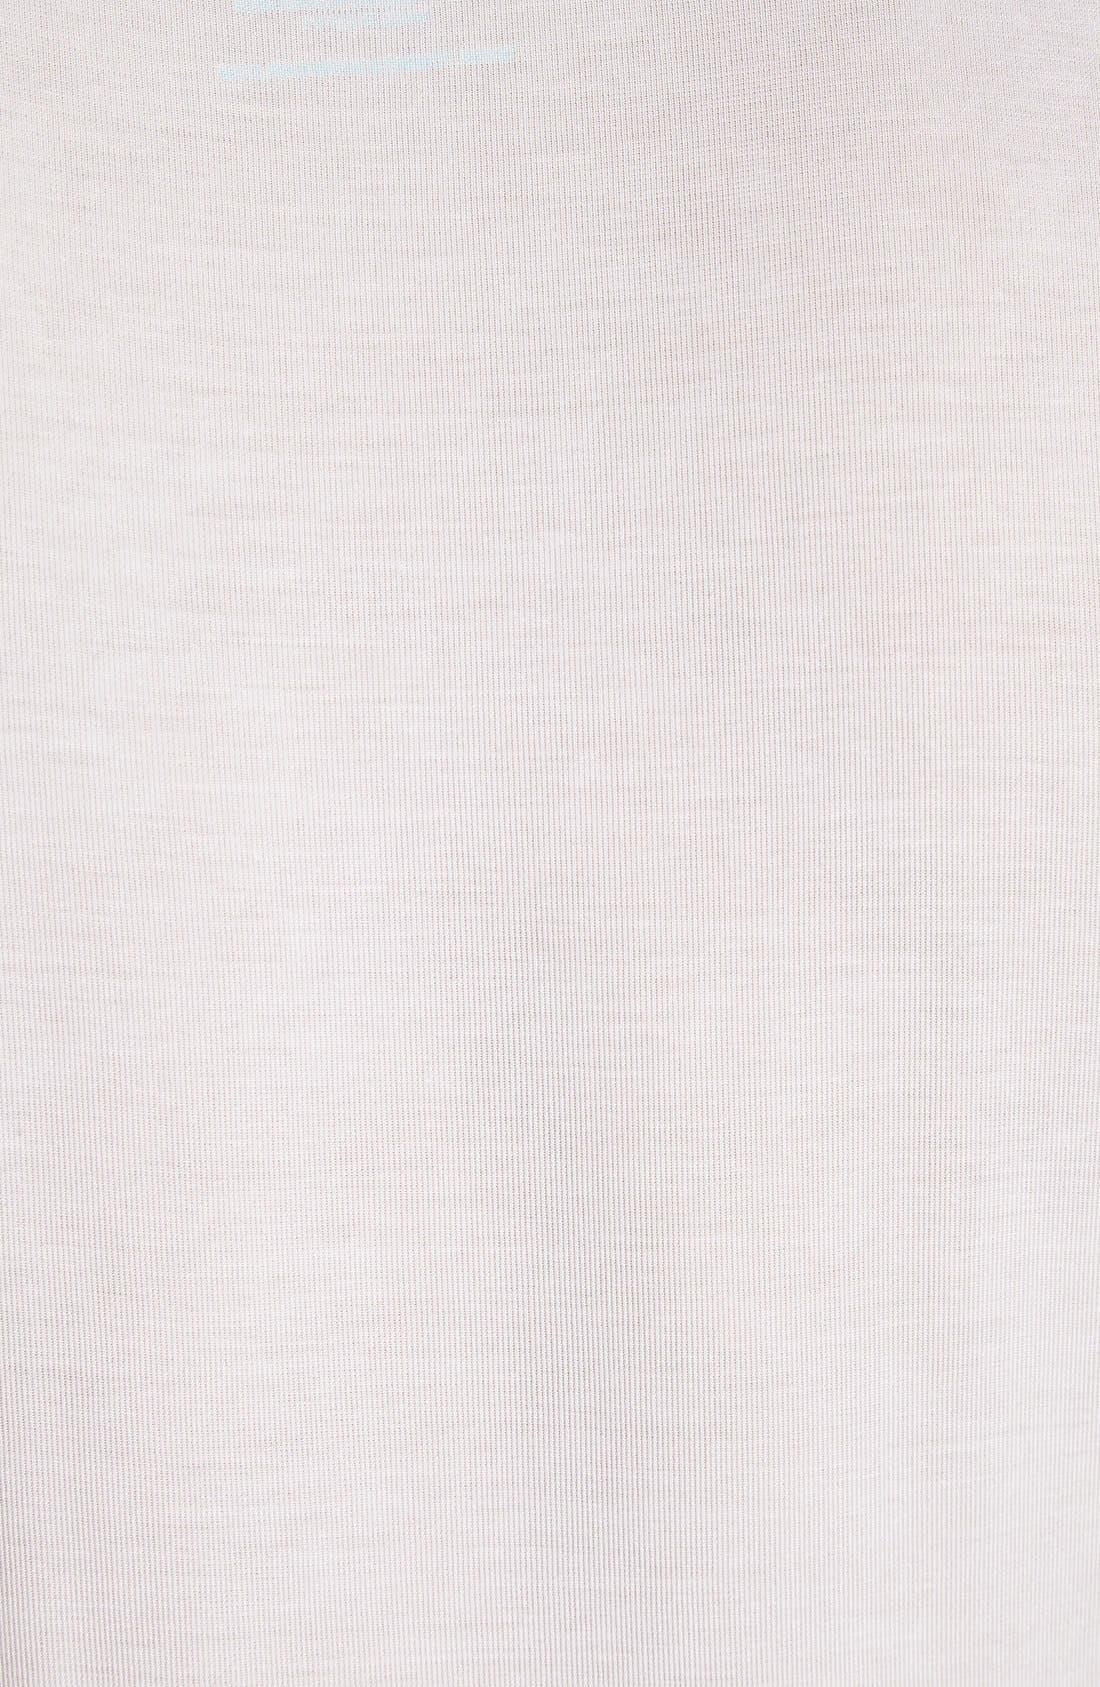 Second Skin Micromodal Deep V-Neck Undershirt,                             Alternate thumbnail 3, color,                             WHITE